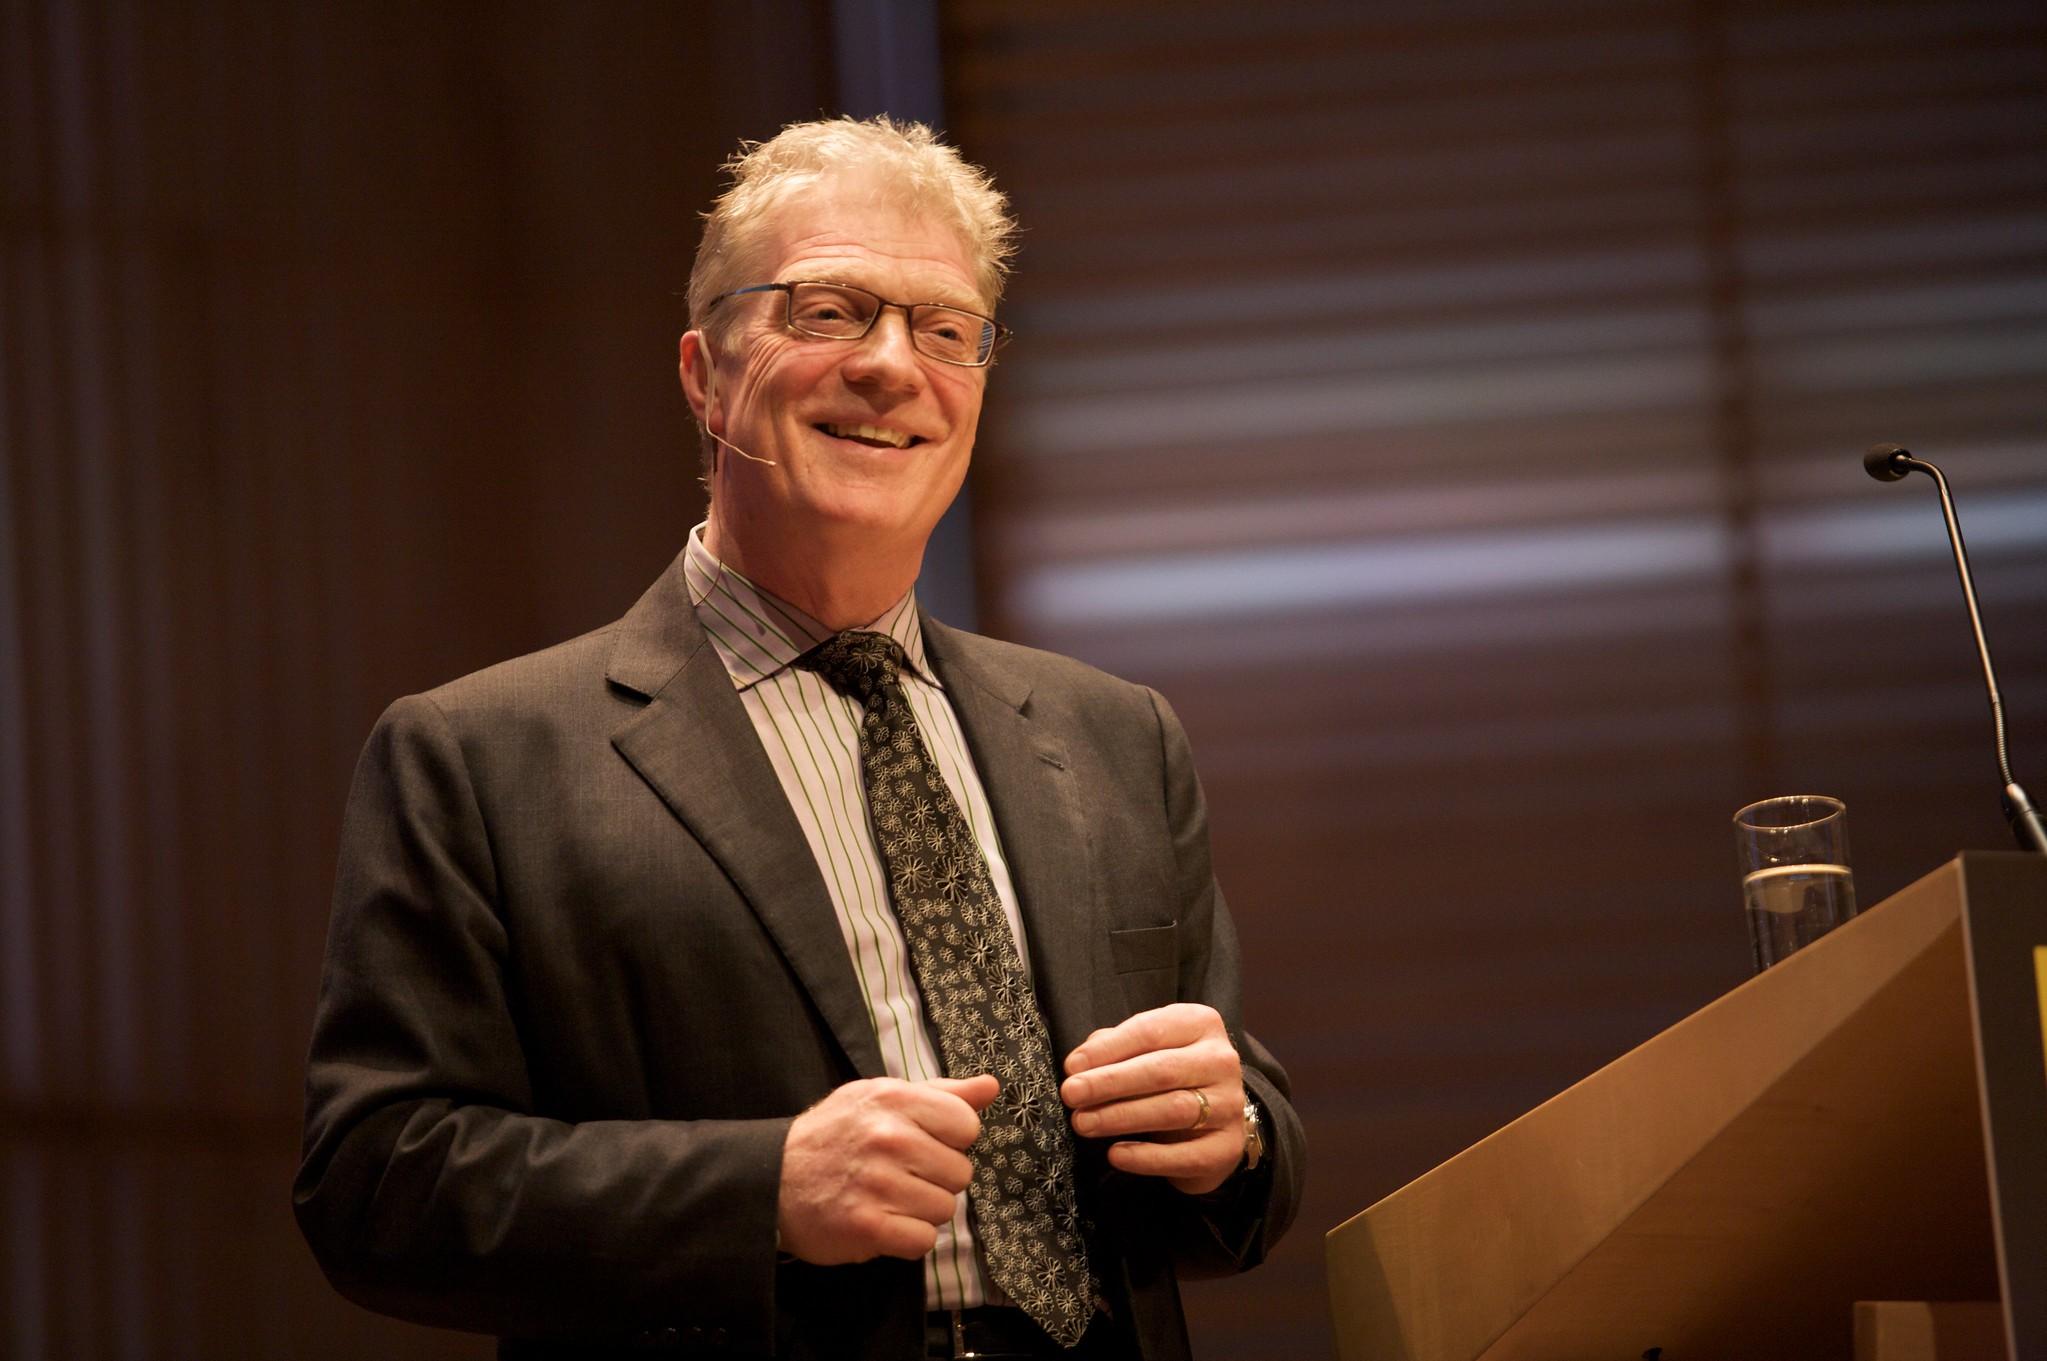 Když nejste připraveni chybovat, nikdy nepřijdete sničím originálním, říkal Ken Robinson.